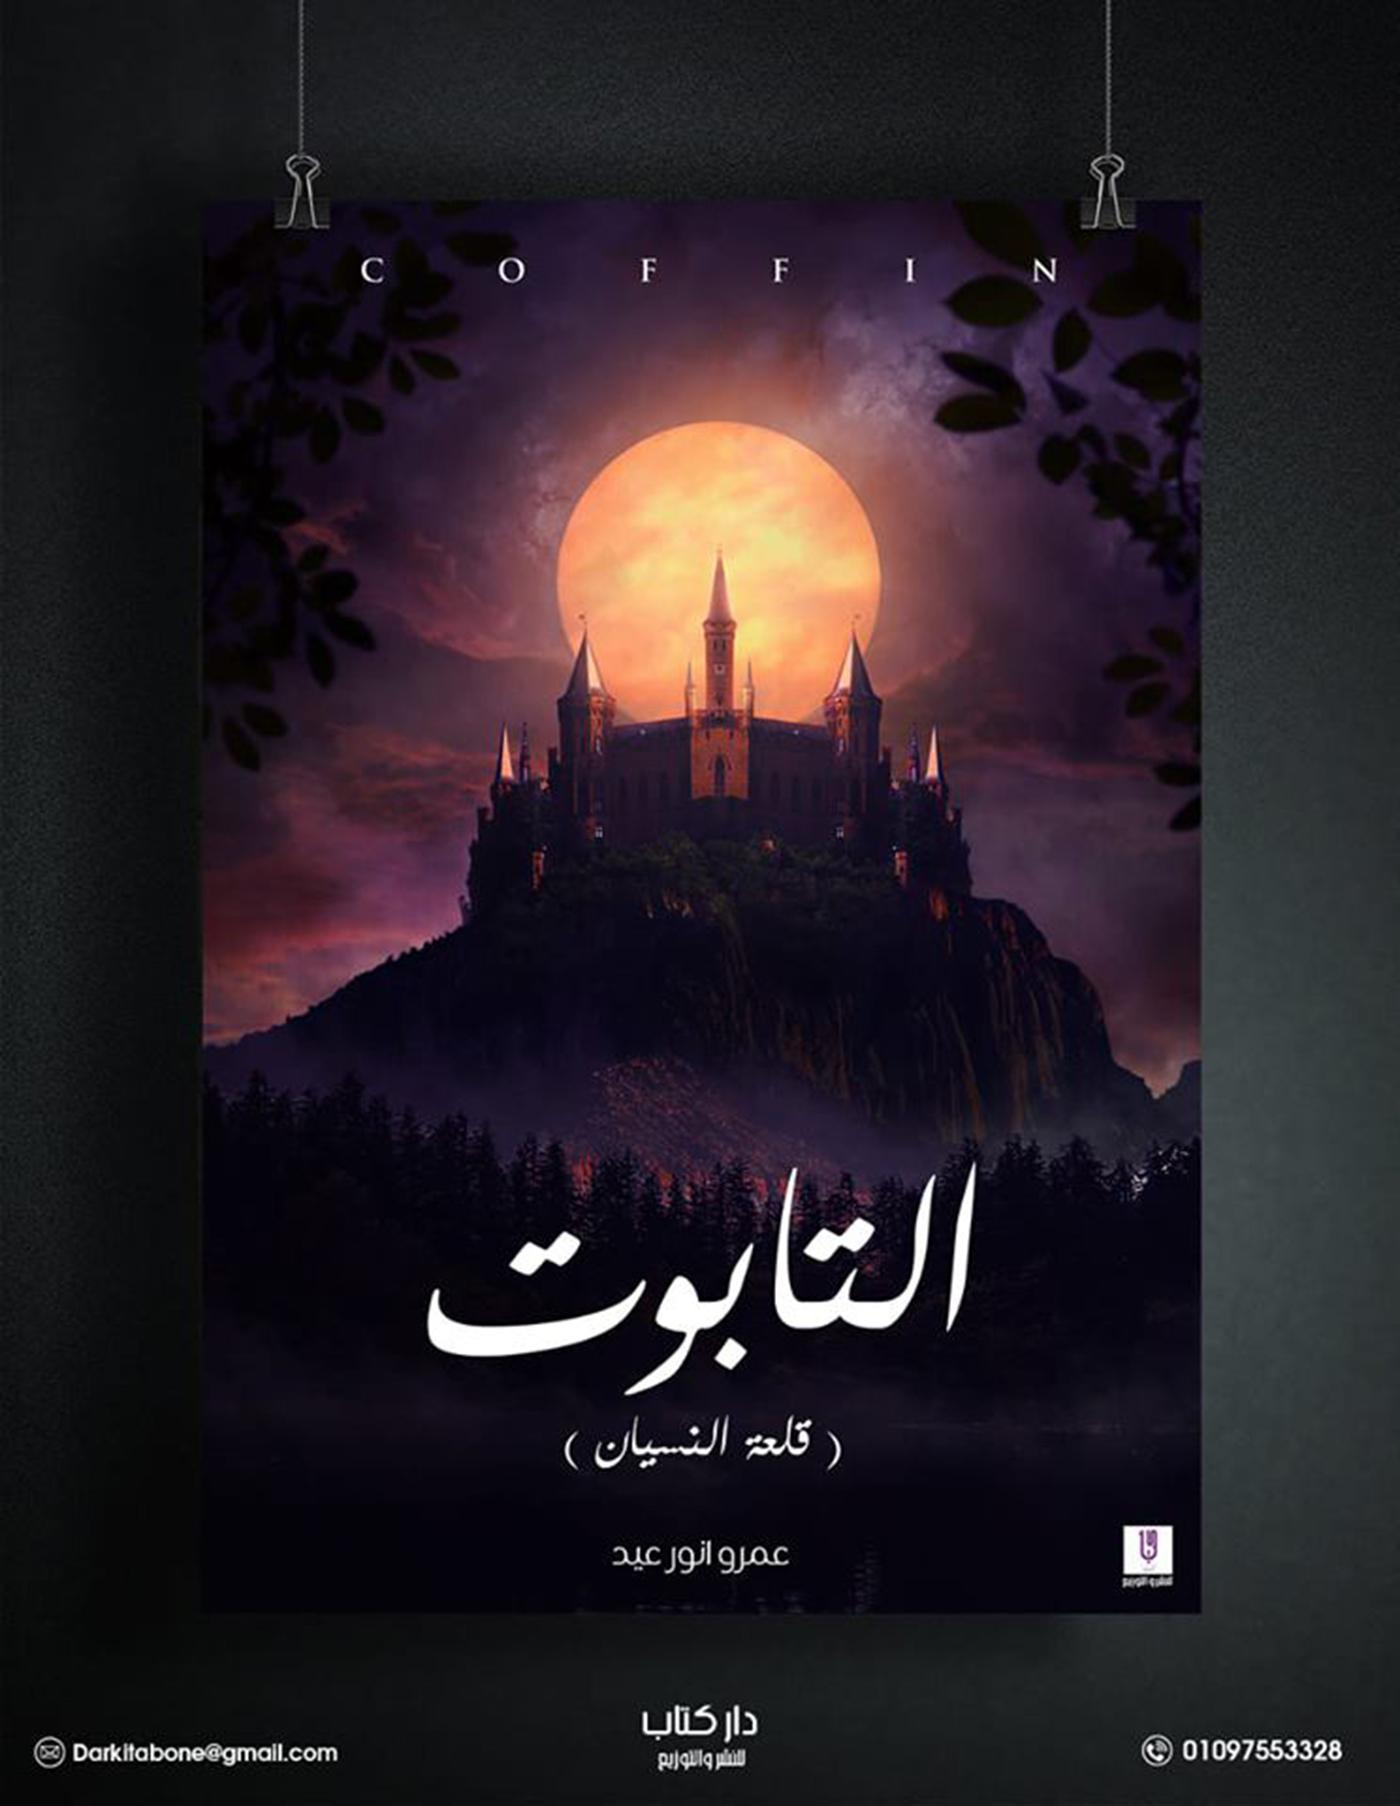 التابوت ( قلعة النسيان )